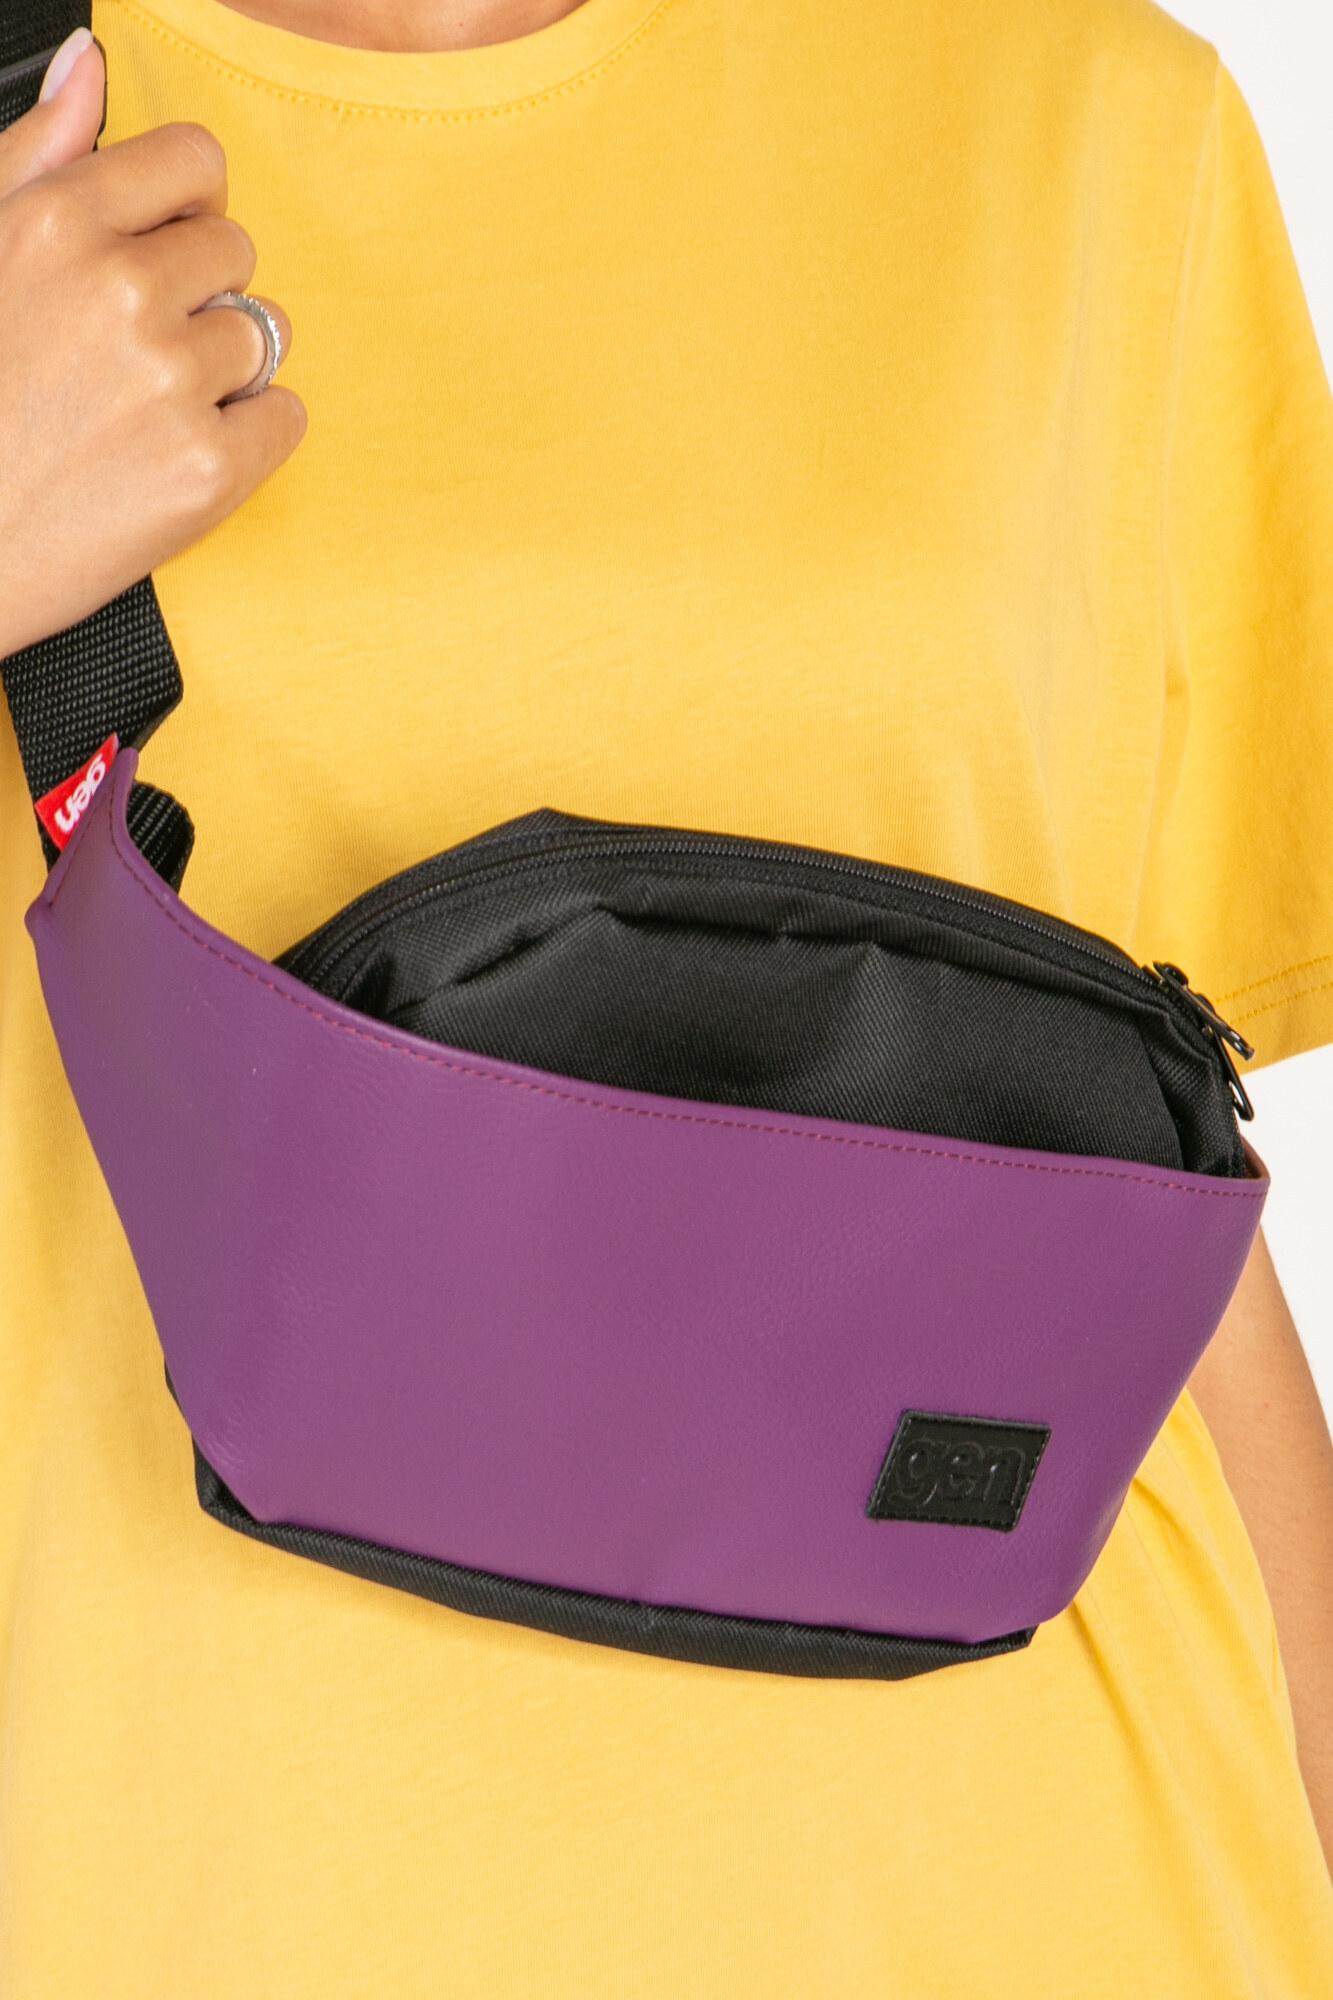 Прямоугольная сумка на пояс бананка фиолетового цвета на одно отделение